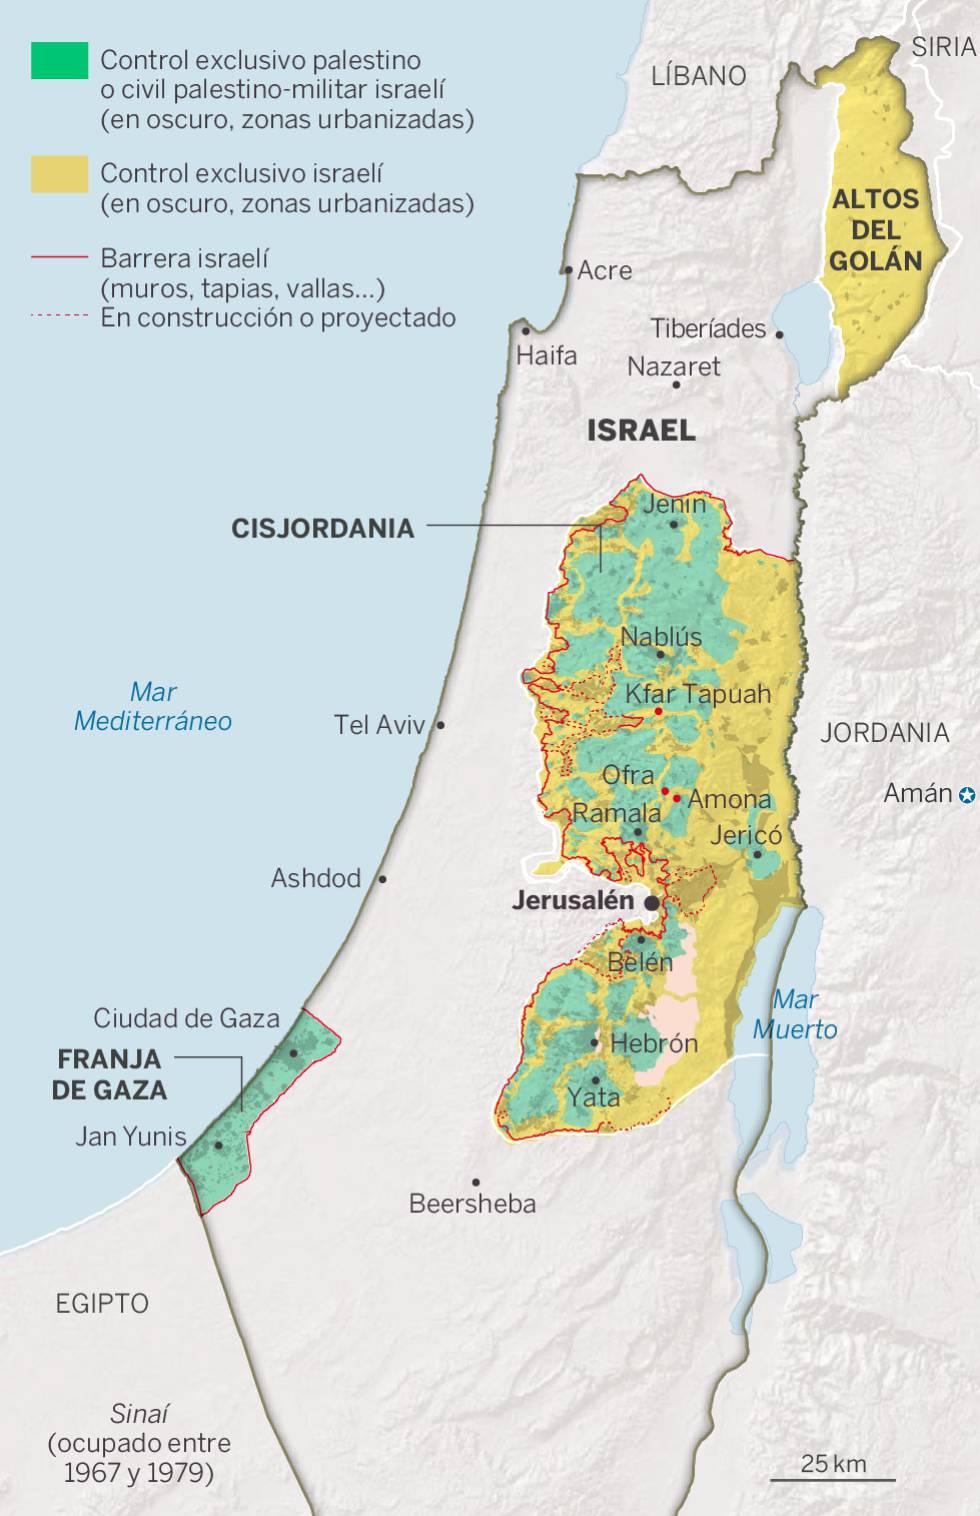 La interminable ocupación israelí de Palestina : 50 años sin paz, ni territorio